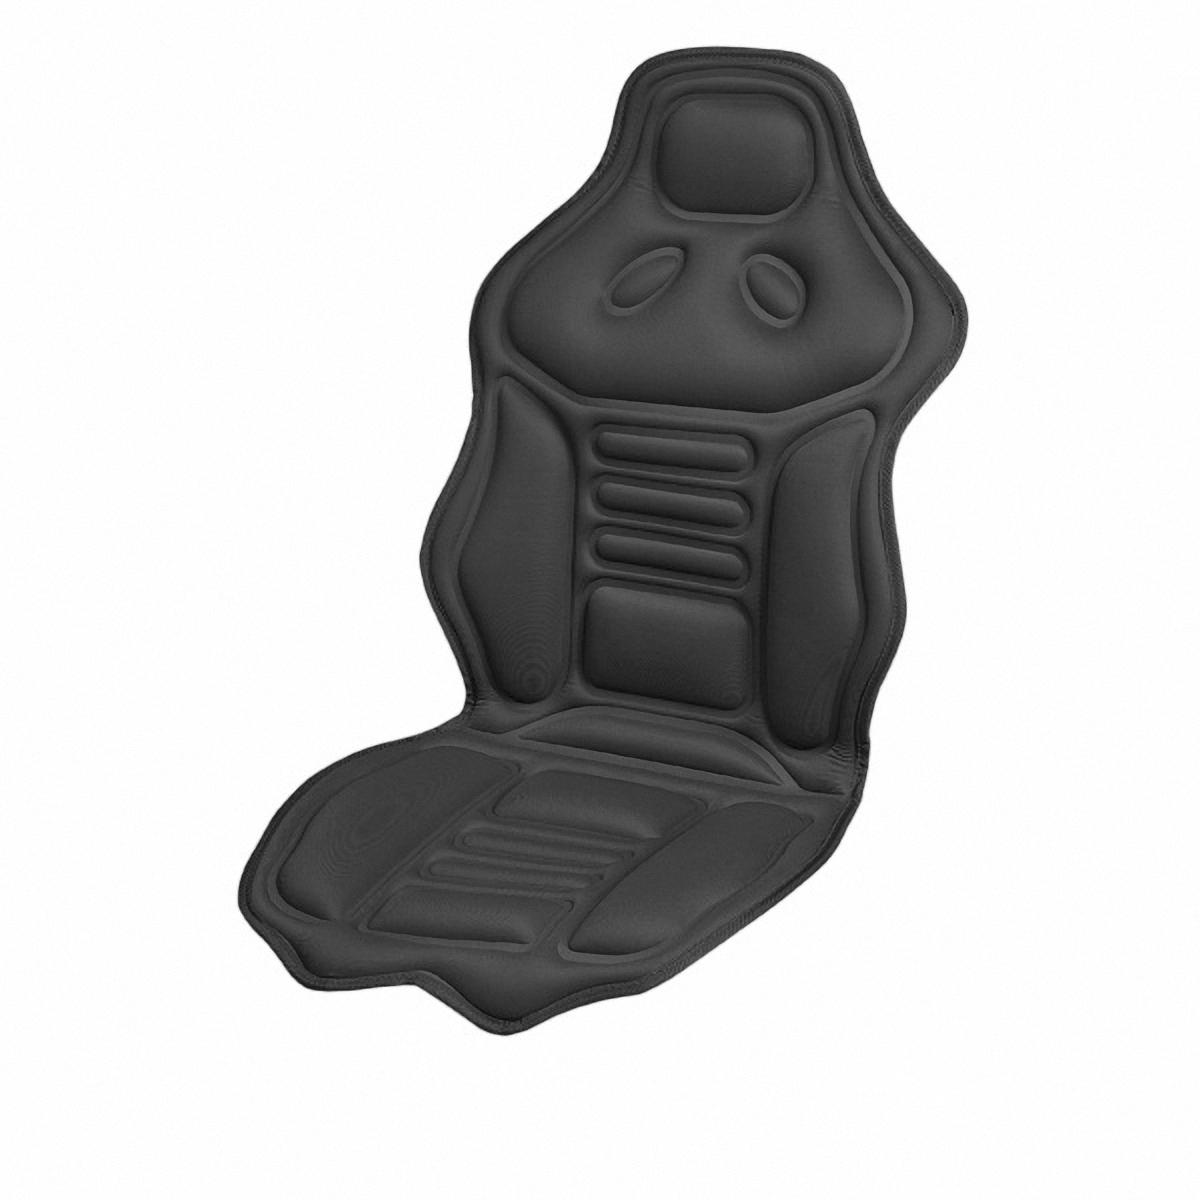 Подогрев для сиденья Skyway, со спинкой. S02201006SC-FD421005Подогрев сиденья со спинкой с терморегулятором (2 режима) 12V; 2,5А-3А. Подогрев сидения – это сезонный товар и большой популярностью пользуется в осенне-зимний период. ТМ SKYWAY предлагает наружные подогревы сидений, изготовленные в виде накидки на автомобильное кресло. Преимущество наружных подогревов в простоте установки. Они крепятся ремнями к креслу автомобиля и подключаются к бортовой сети через гнездо прикуривателя.